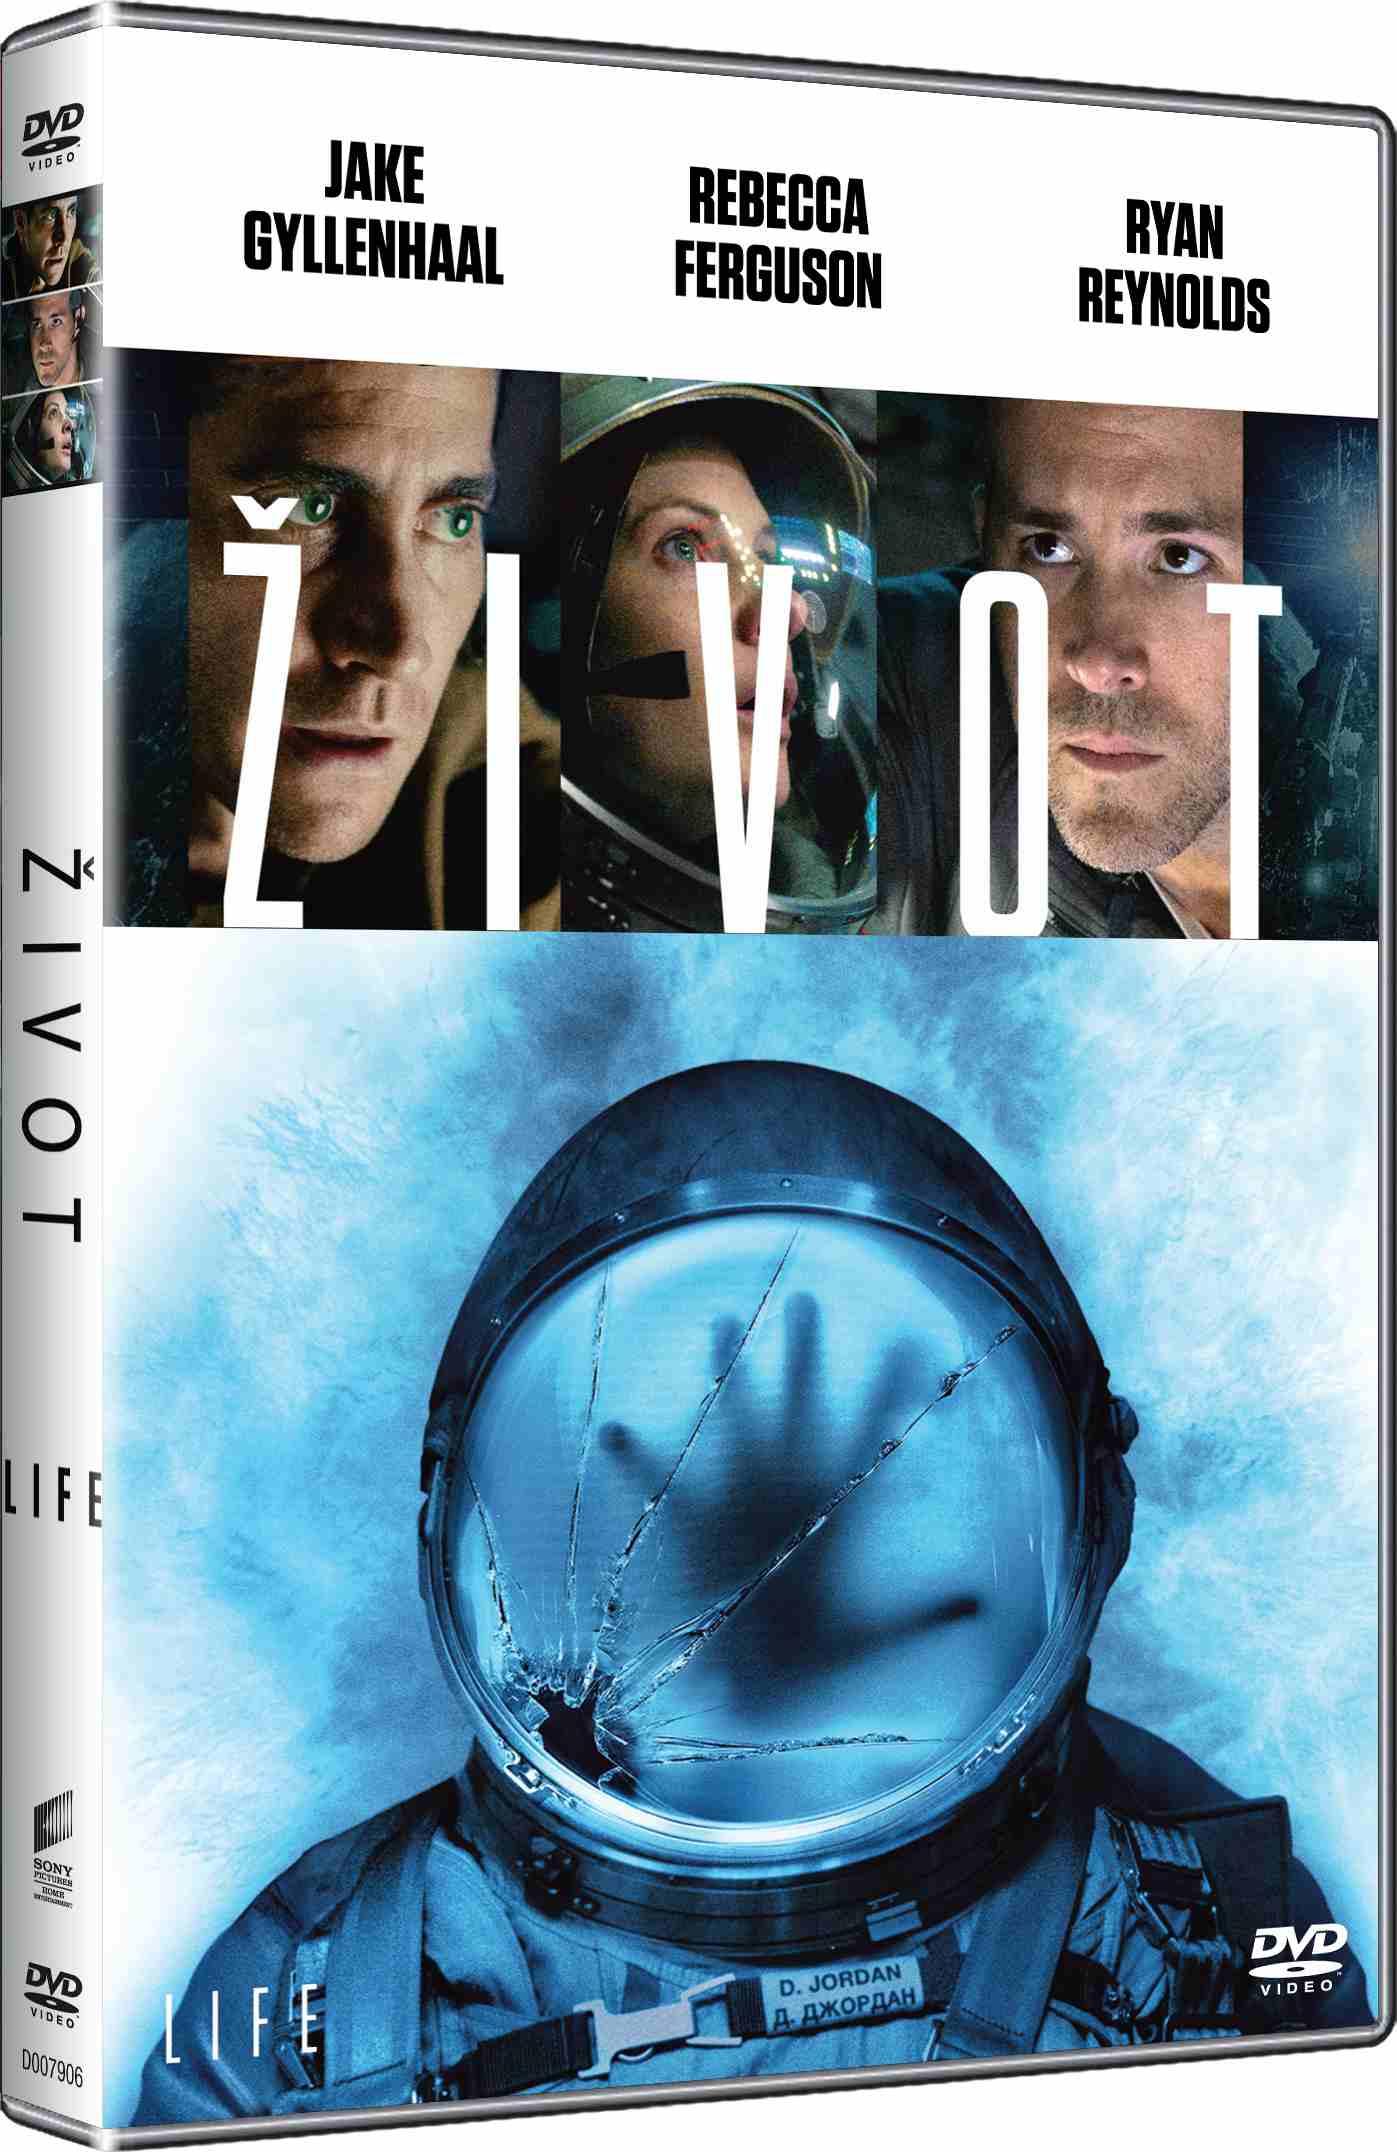 ŽIVOT - DVD